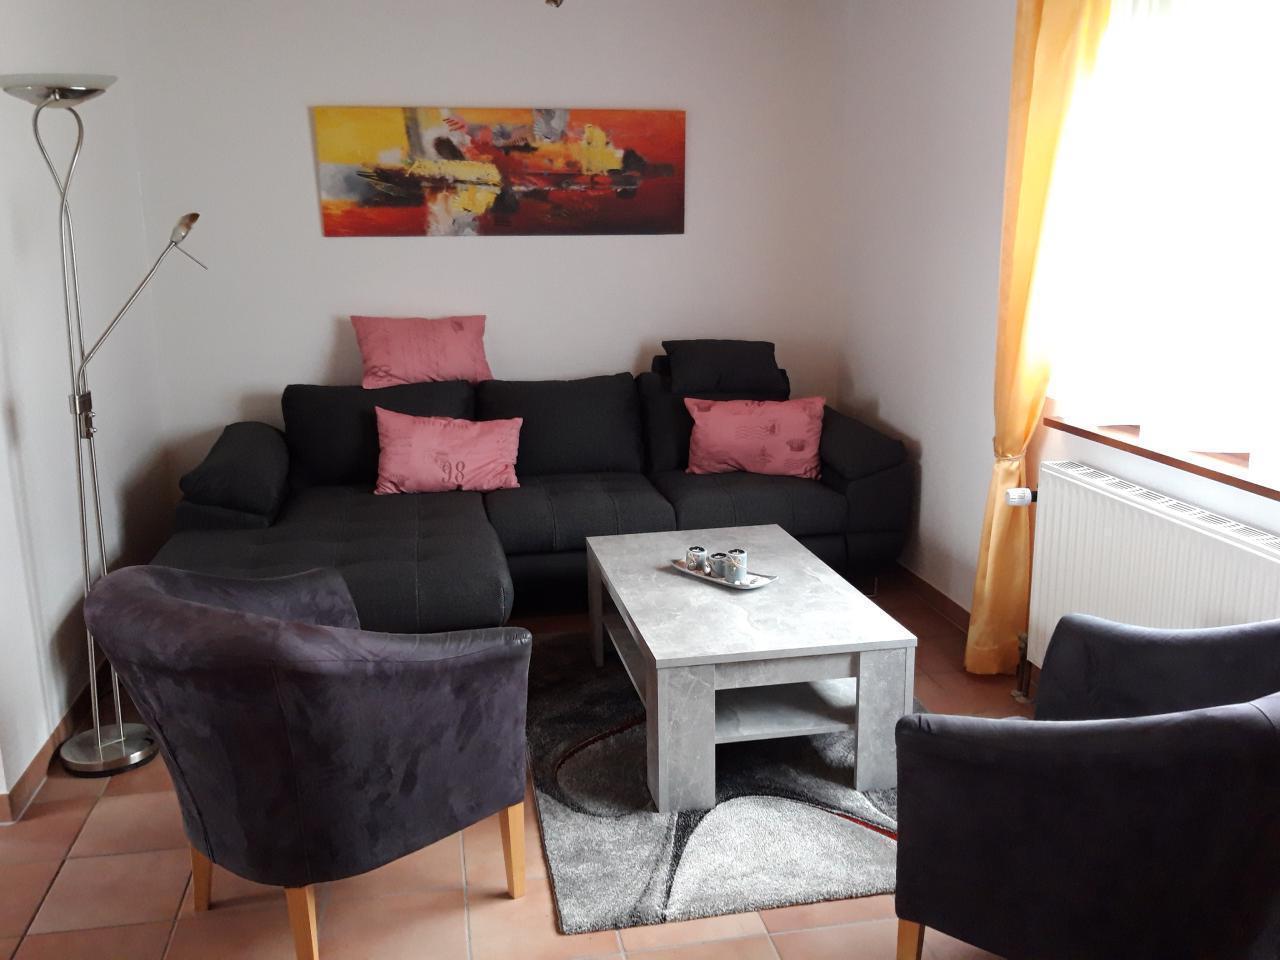 Ferienhaus Bungalow 6 neu renoviert für 4-6 Personen in der Rhön Residence Bungalows (757461), Dipperz, Rhön (Hessen), Hessen, Deutschland, Bild 9